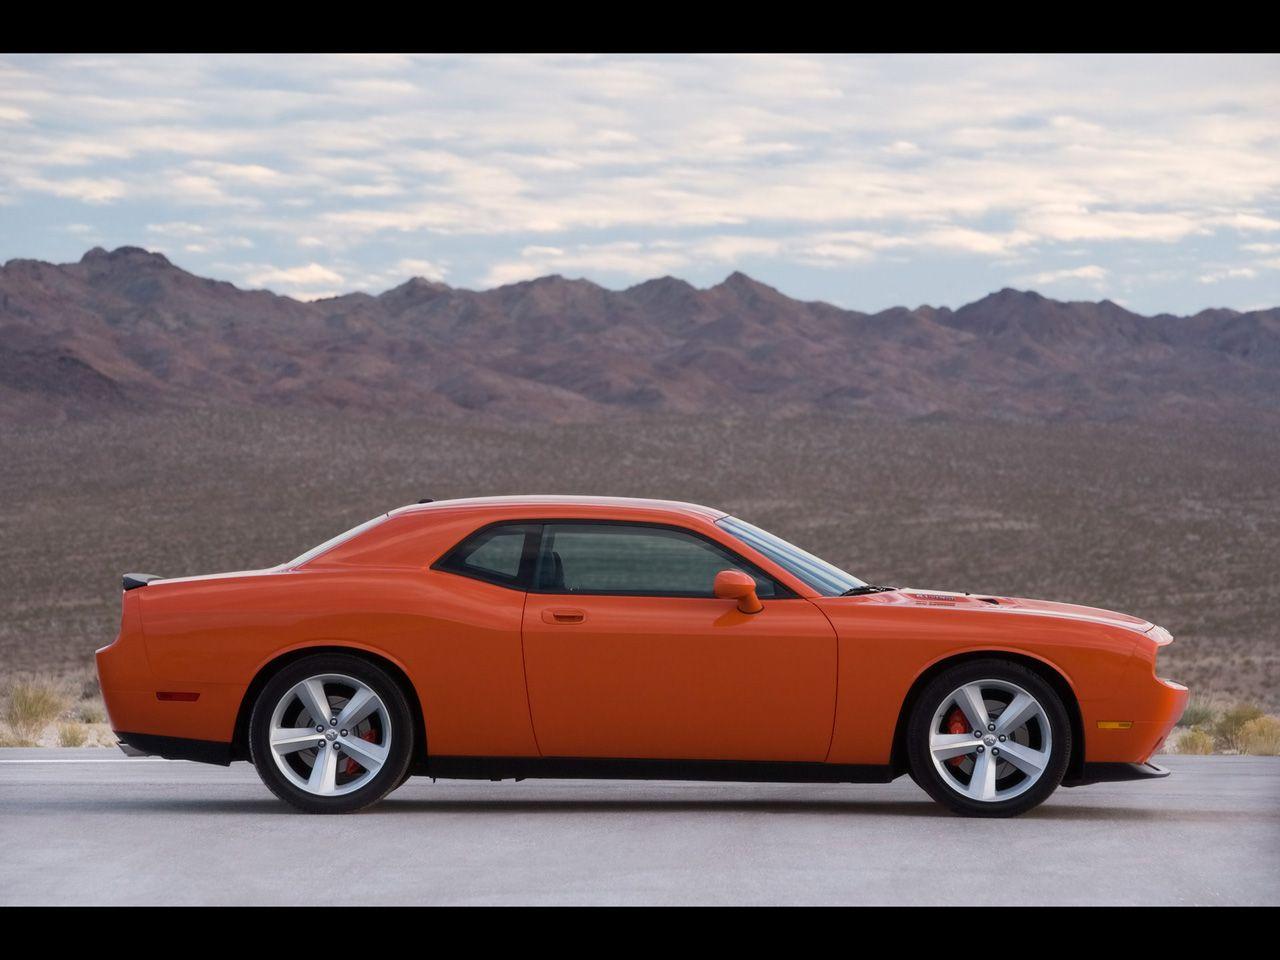 sexy sports cars 2008 dodge challenger srt8. Black Bedroom Furniture Sets. Home Design Ideas